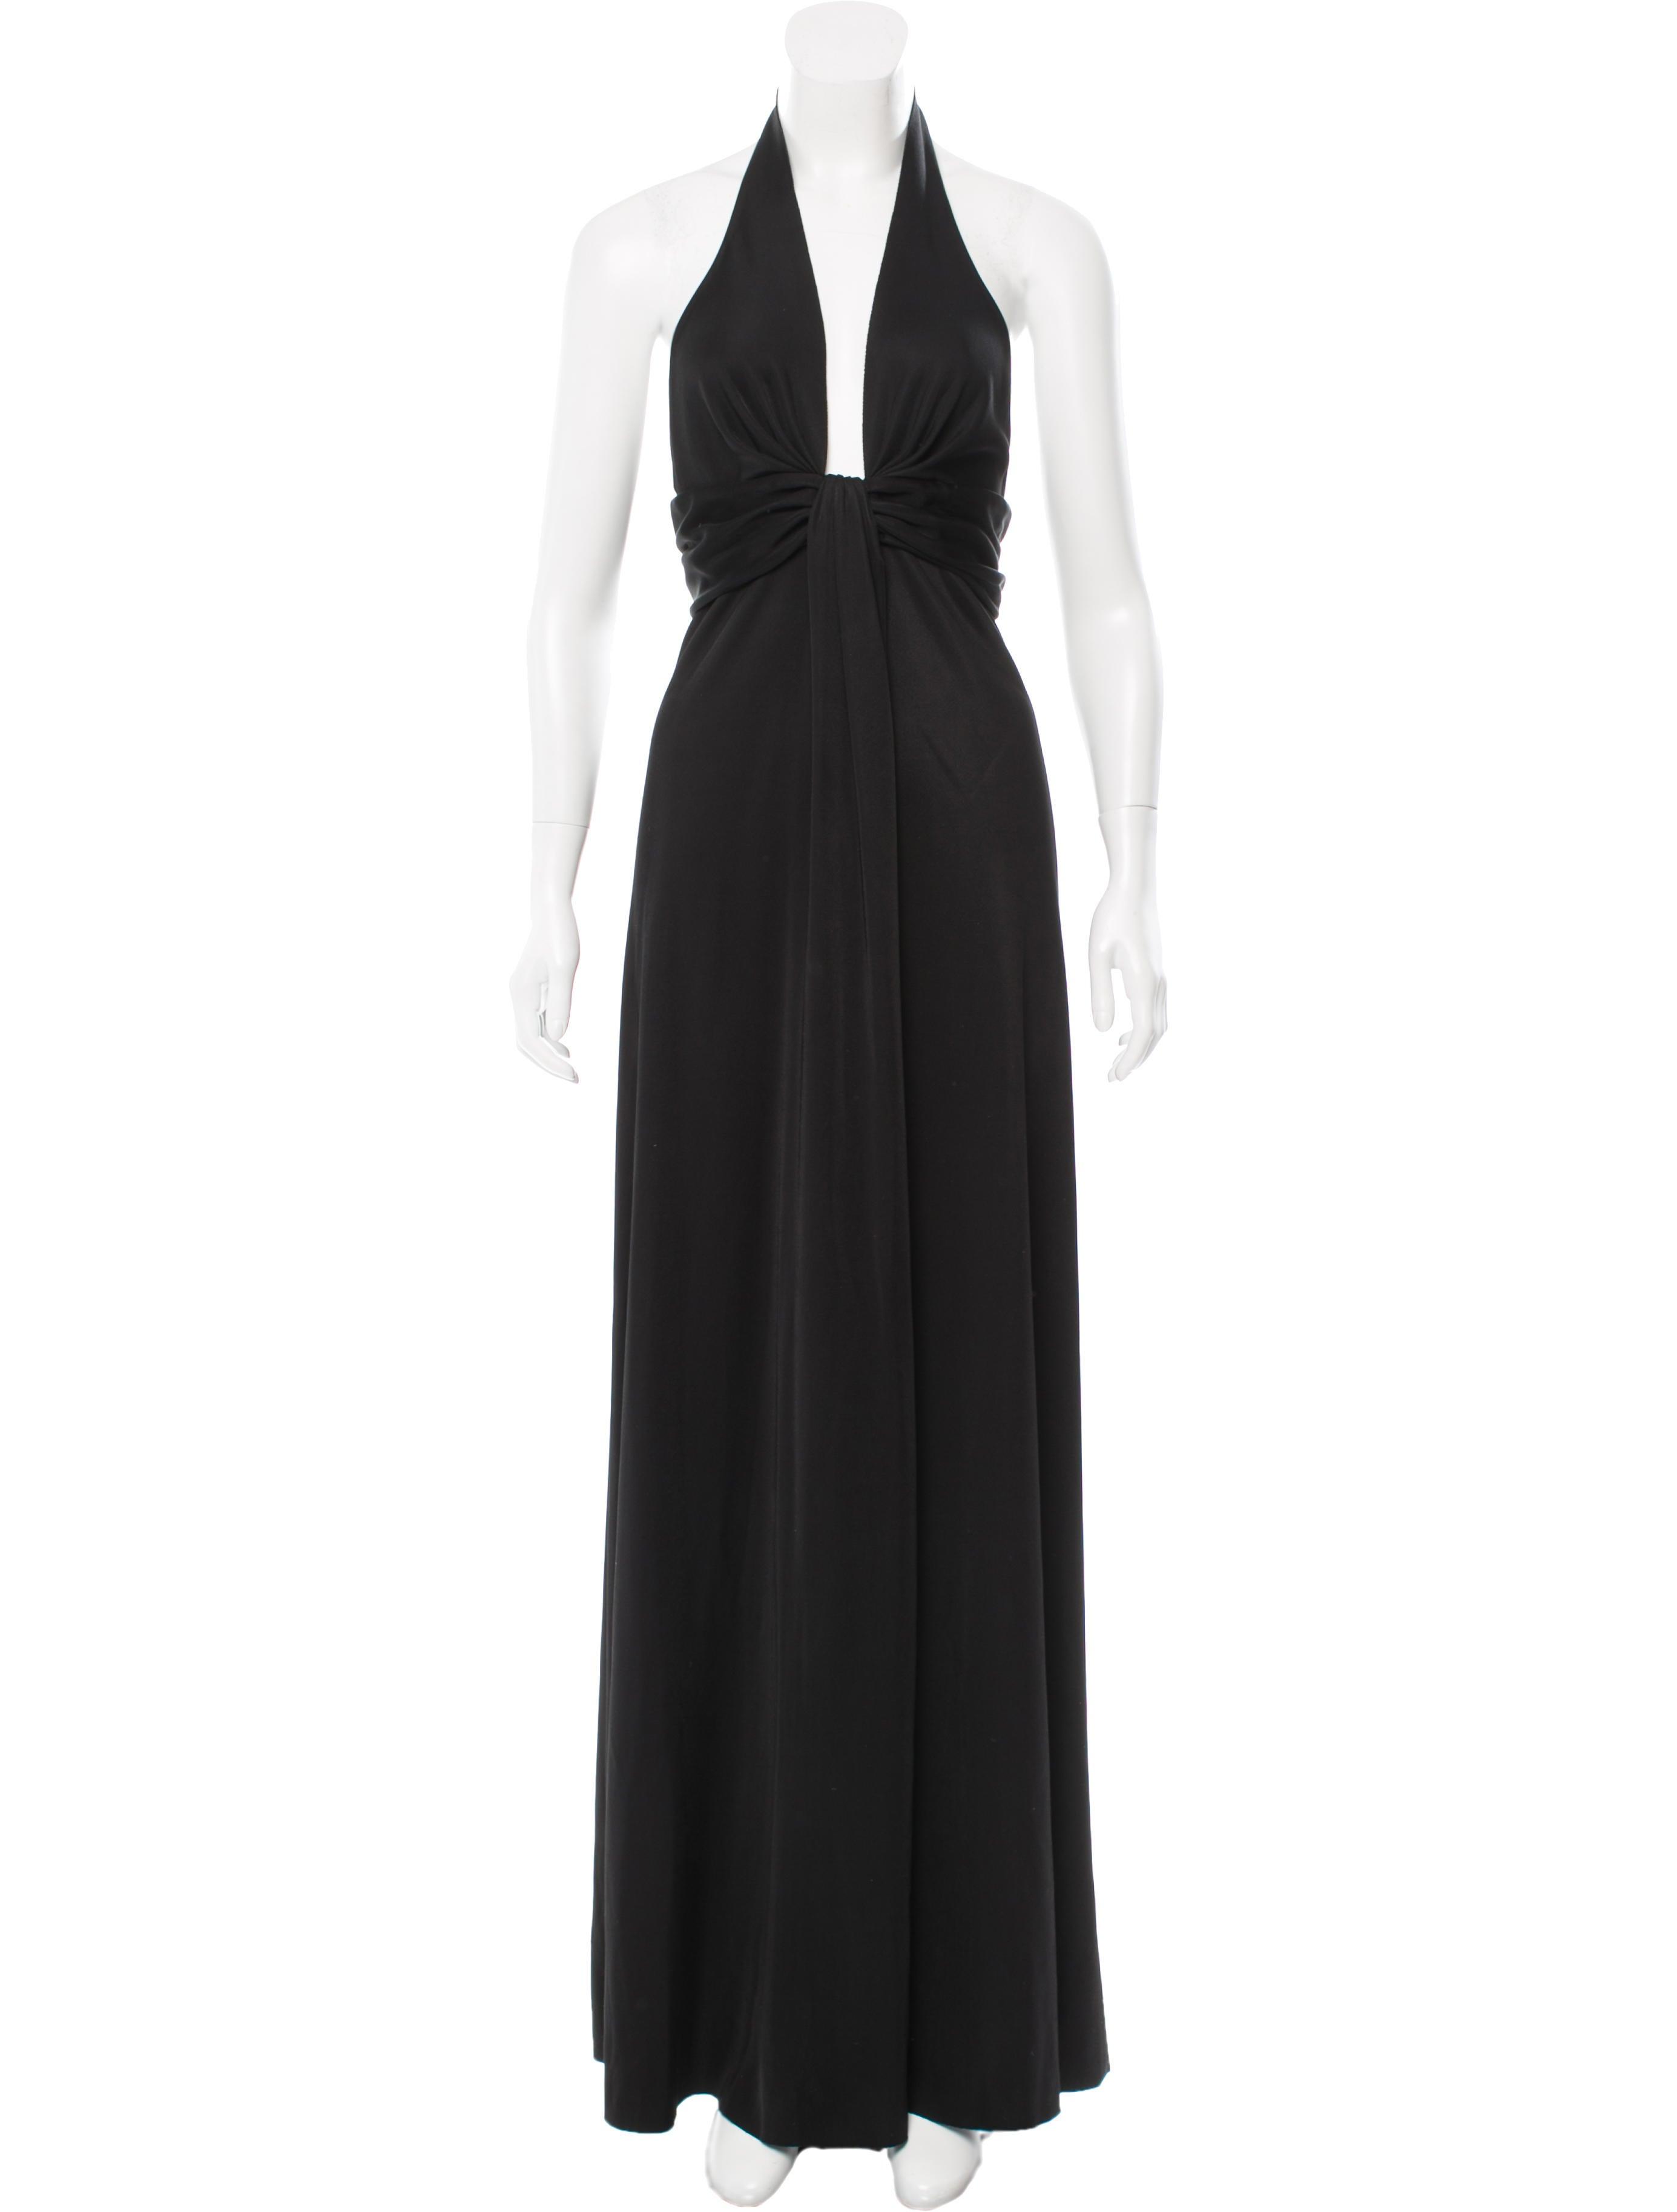 Balenciaga Black Halter Gown - Clothing - BAL43400   The RealReal